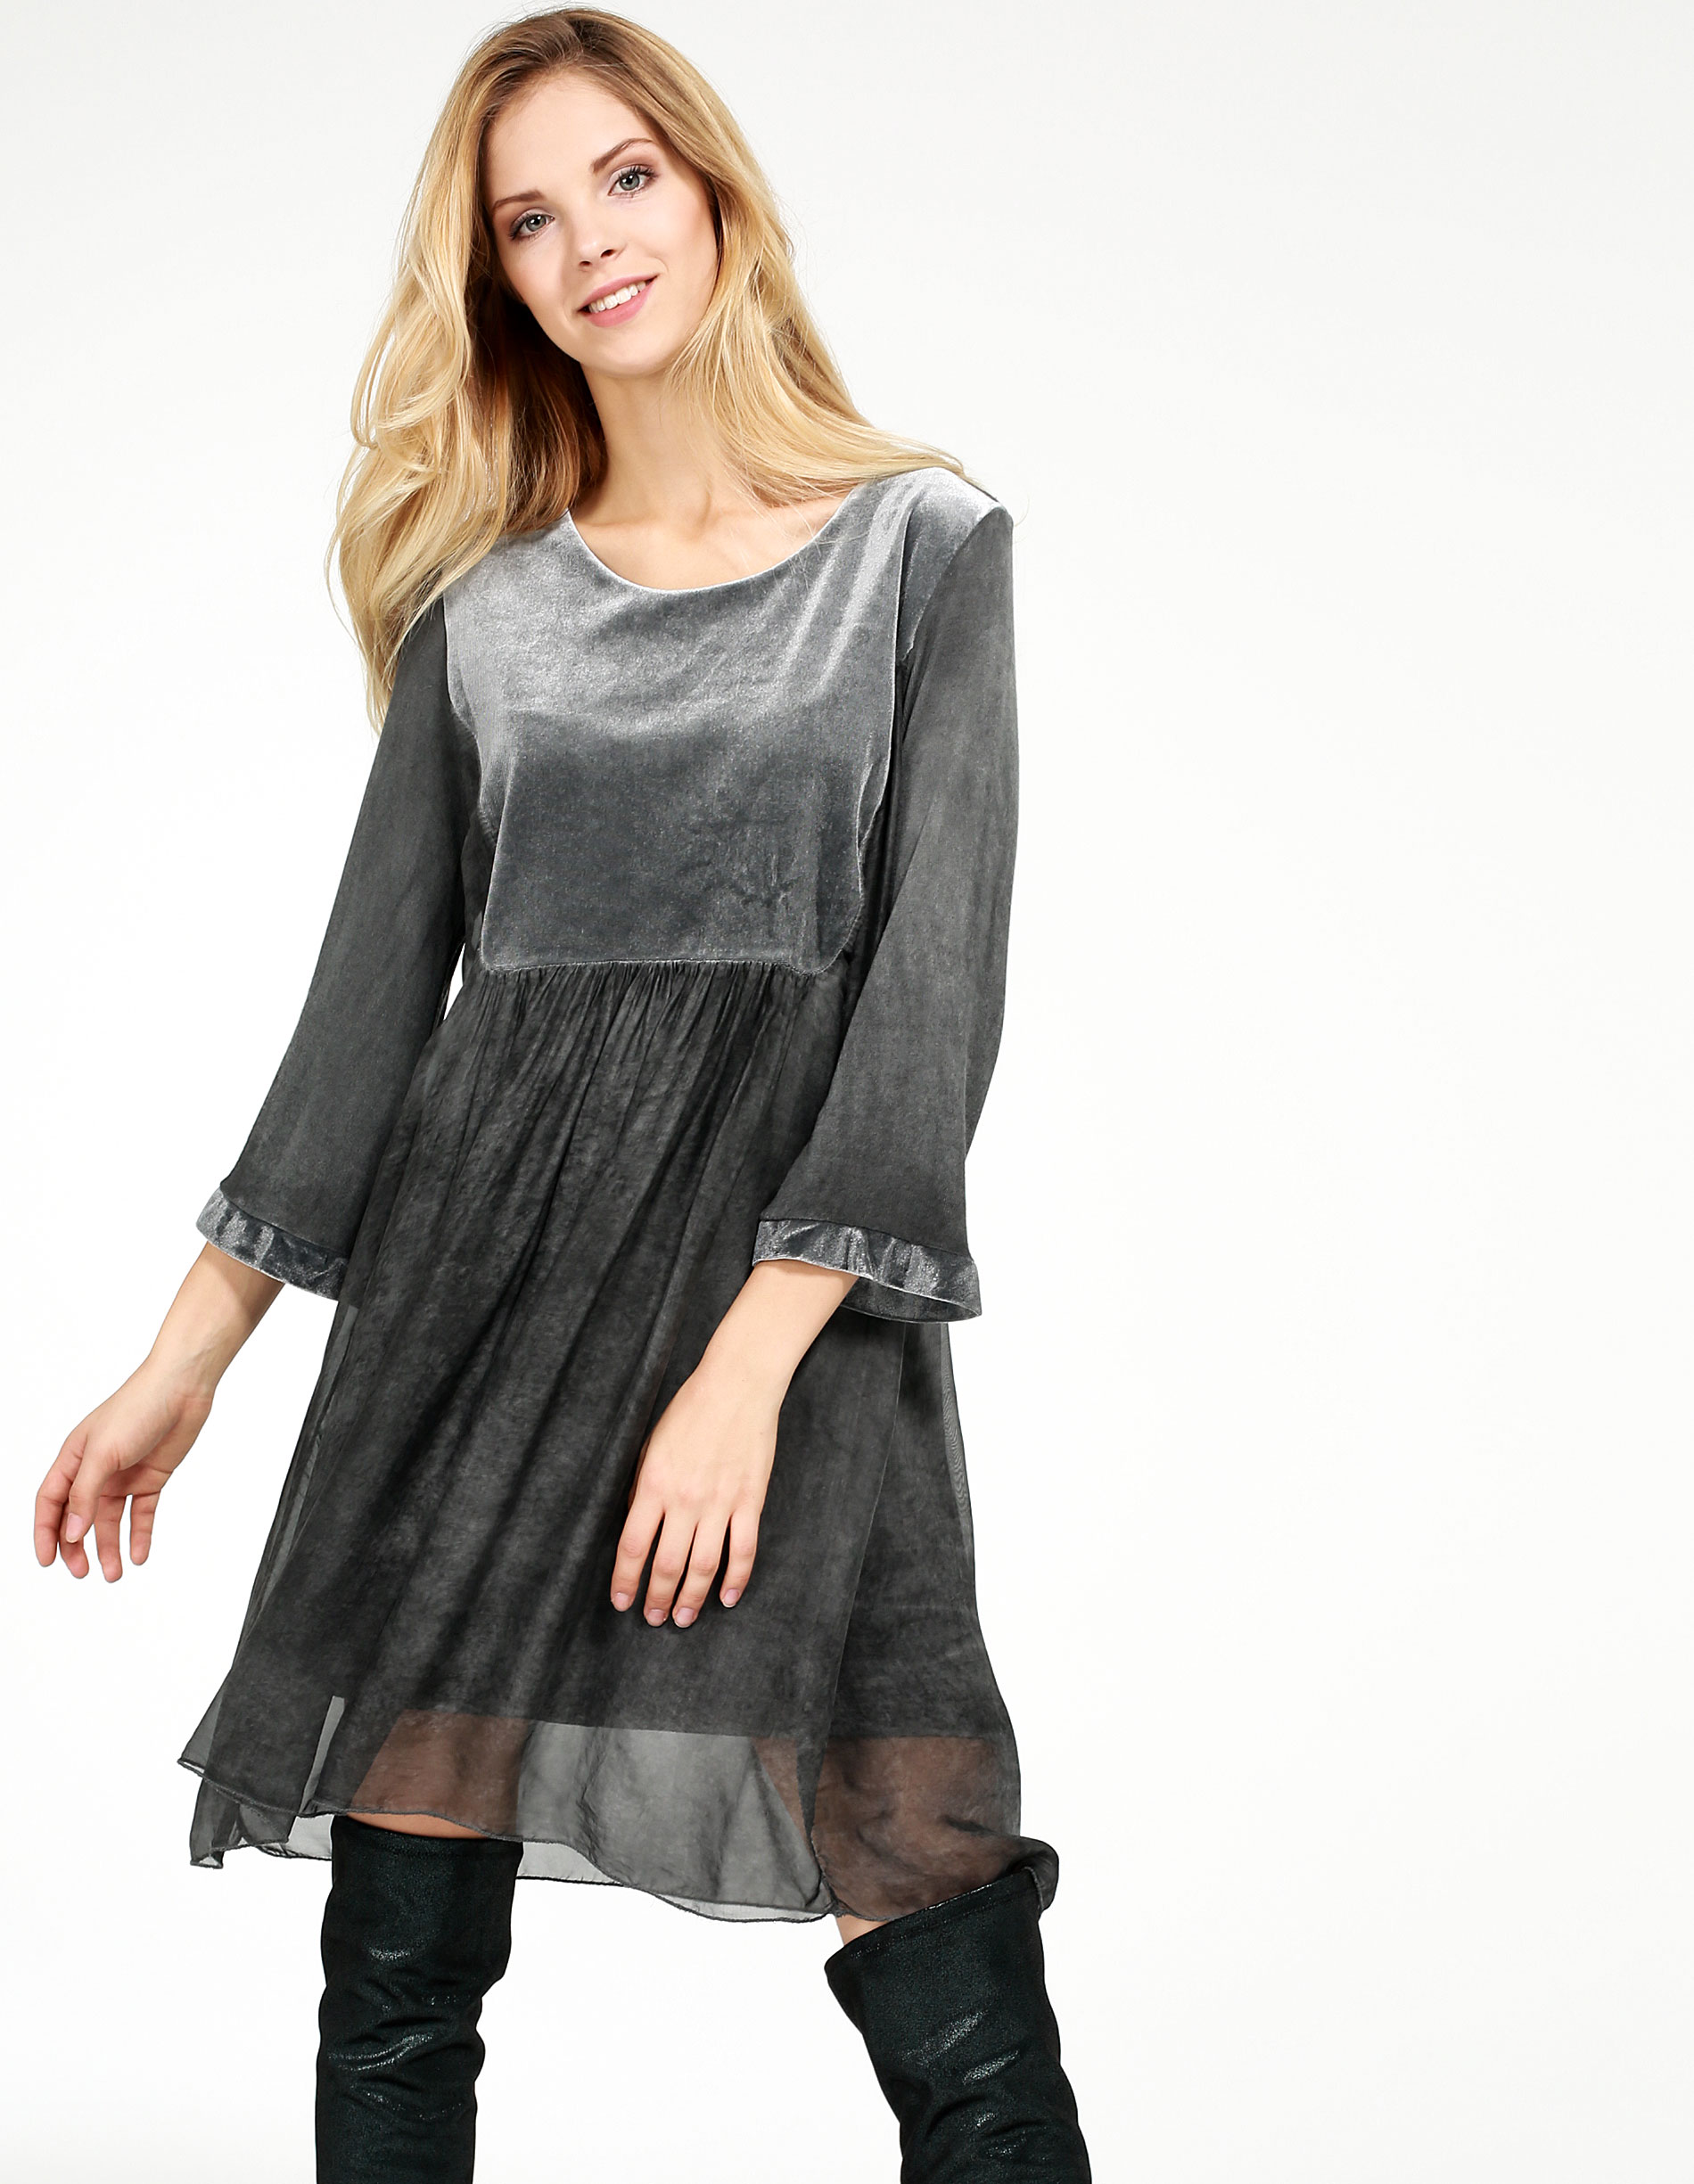 Sukienka - 160-5842 GRSC - Unisono